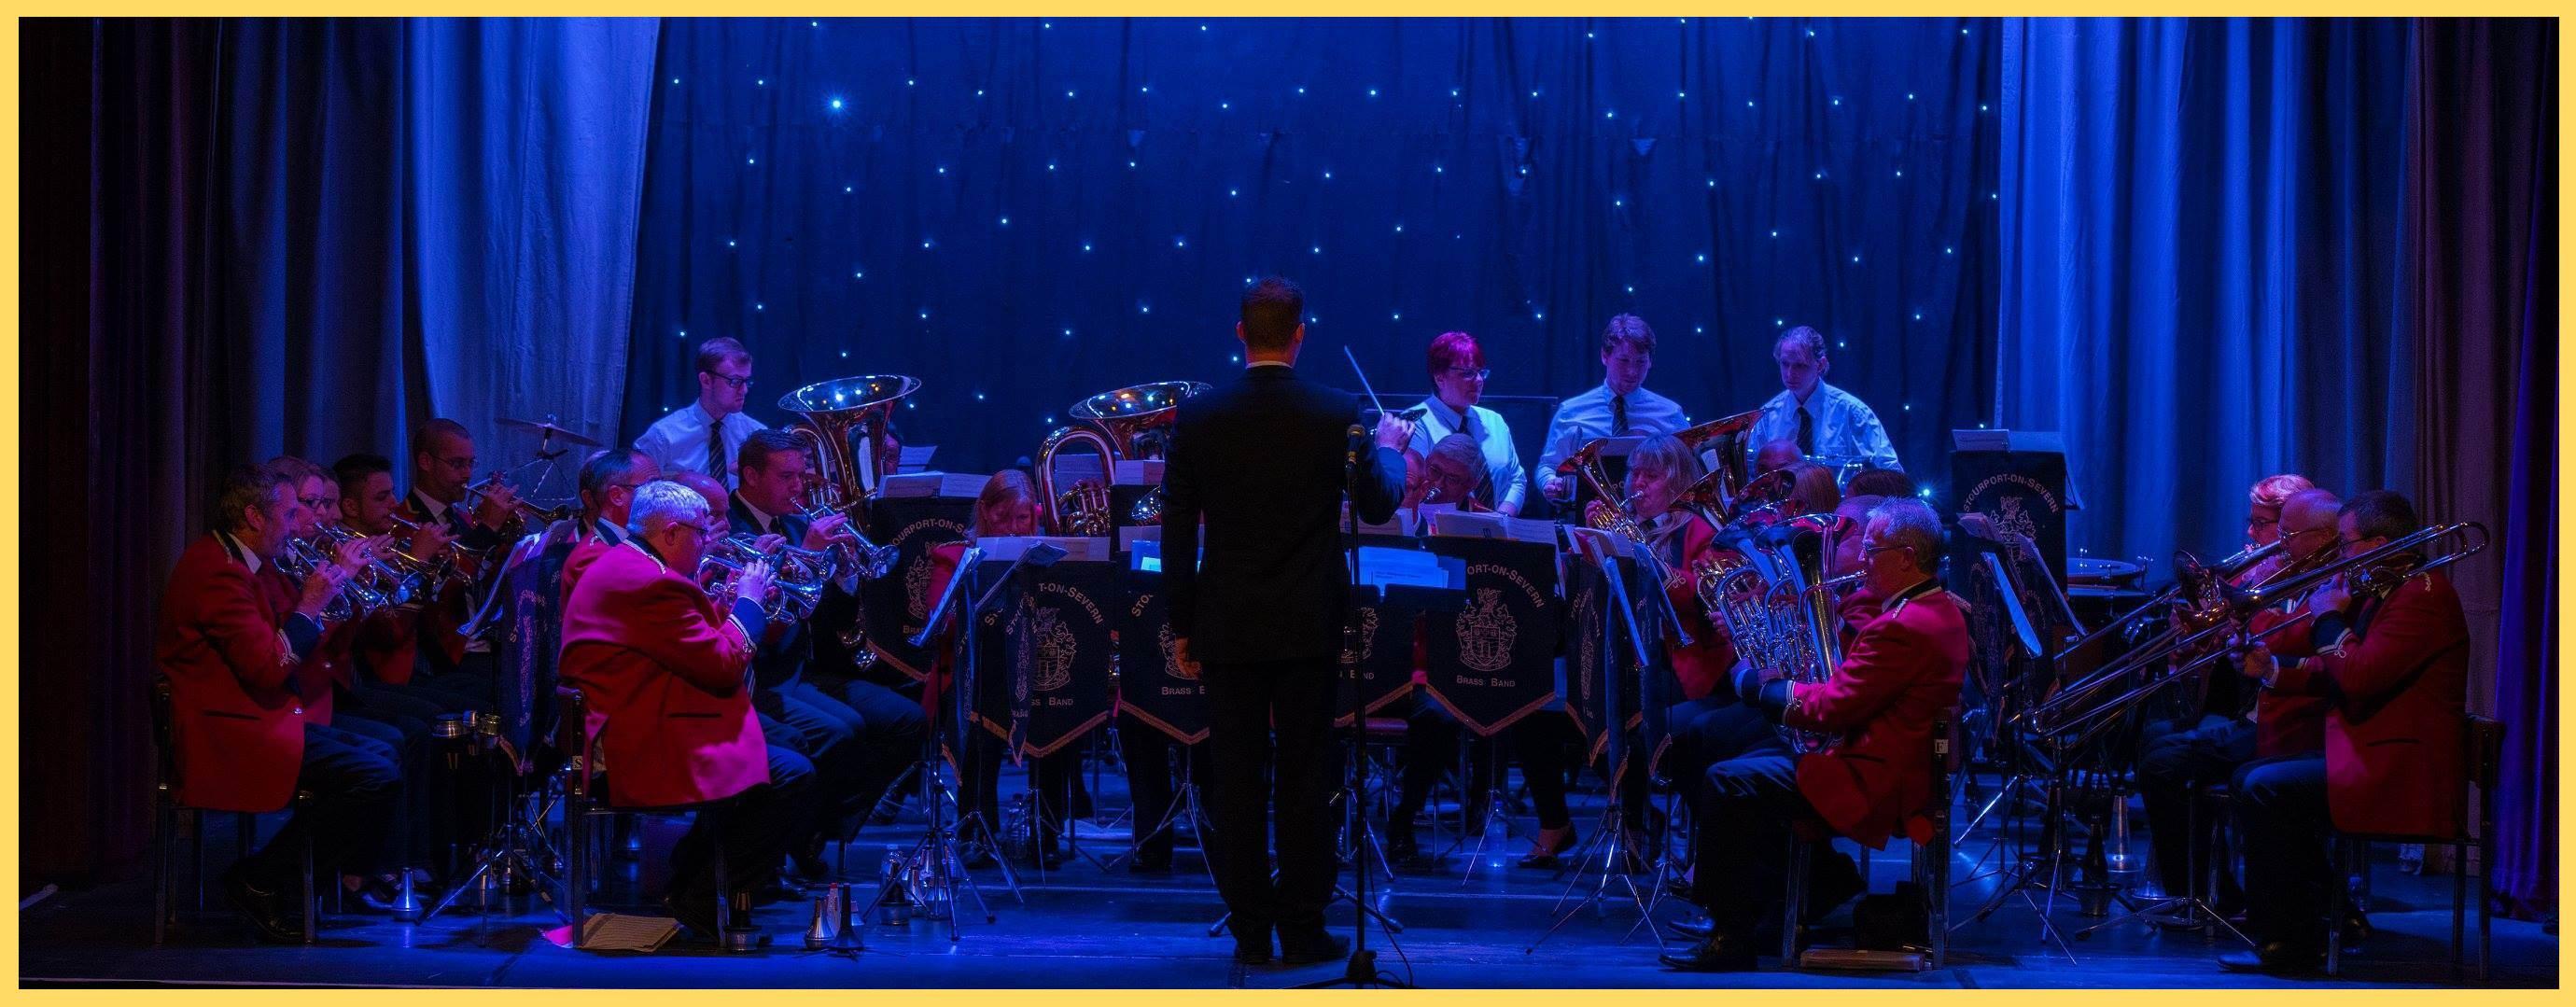 Stourport Band at Christmas 2015b